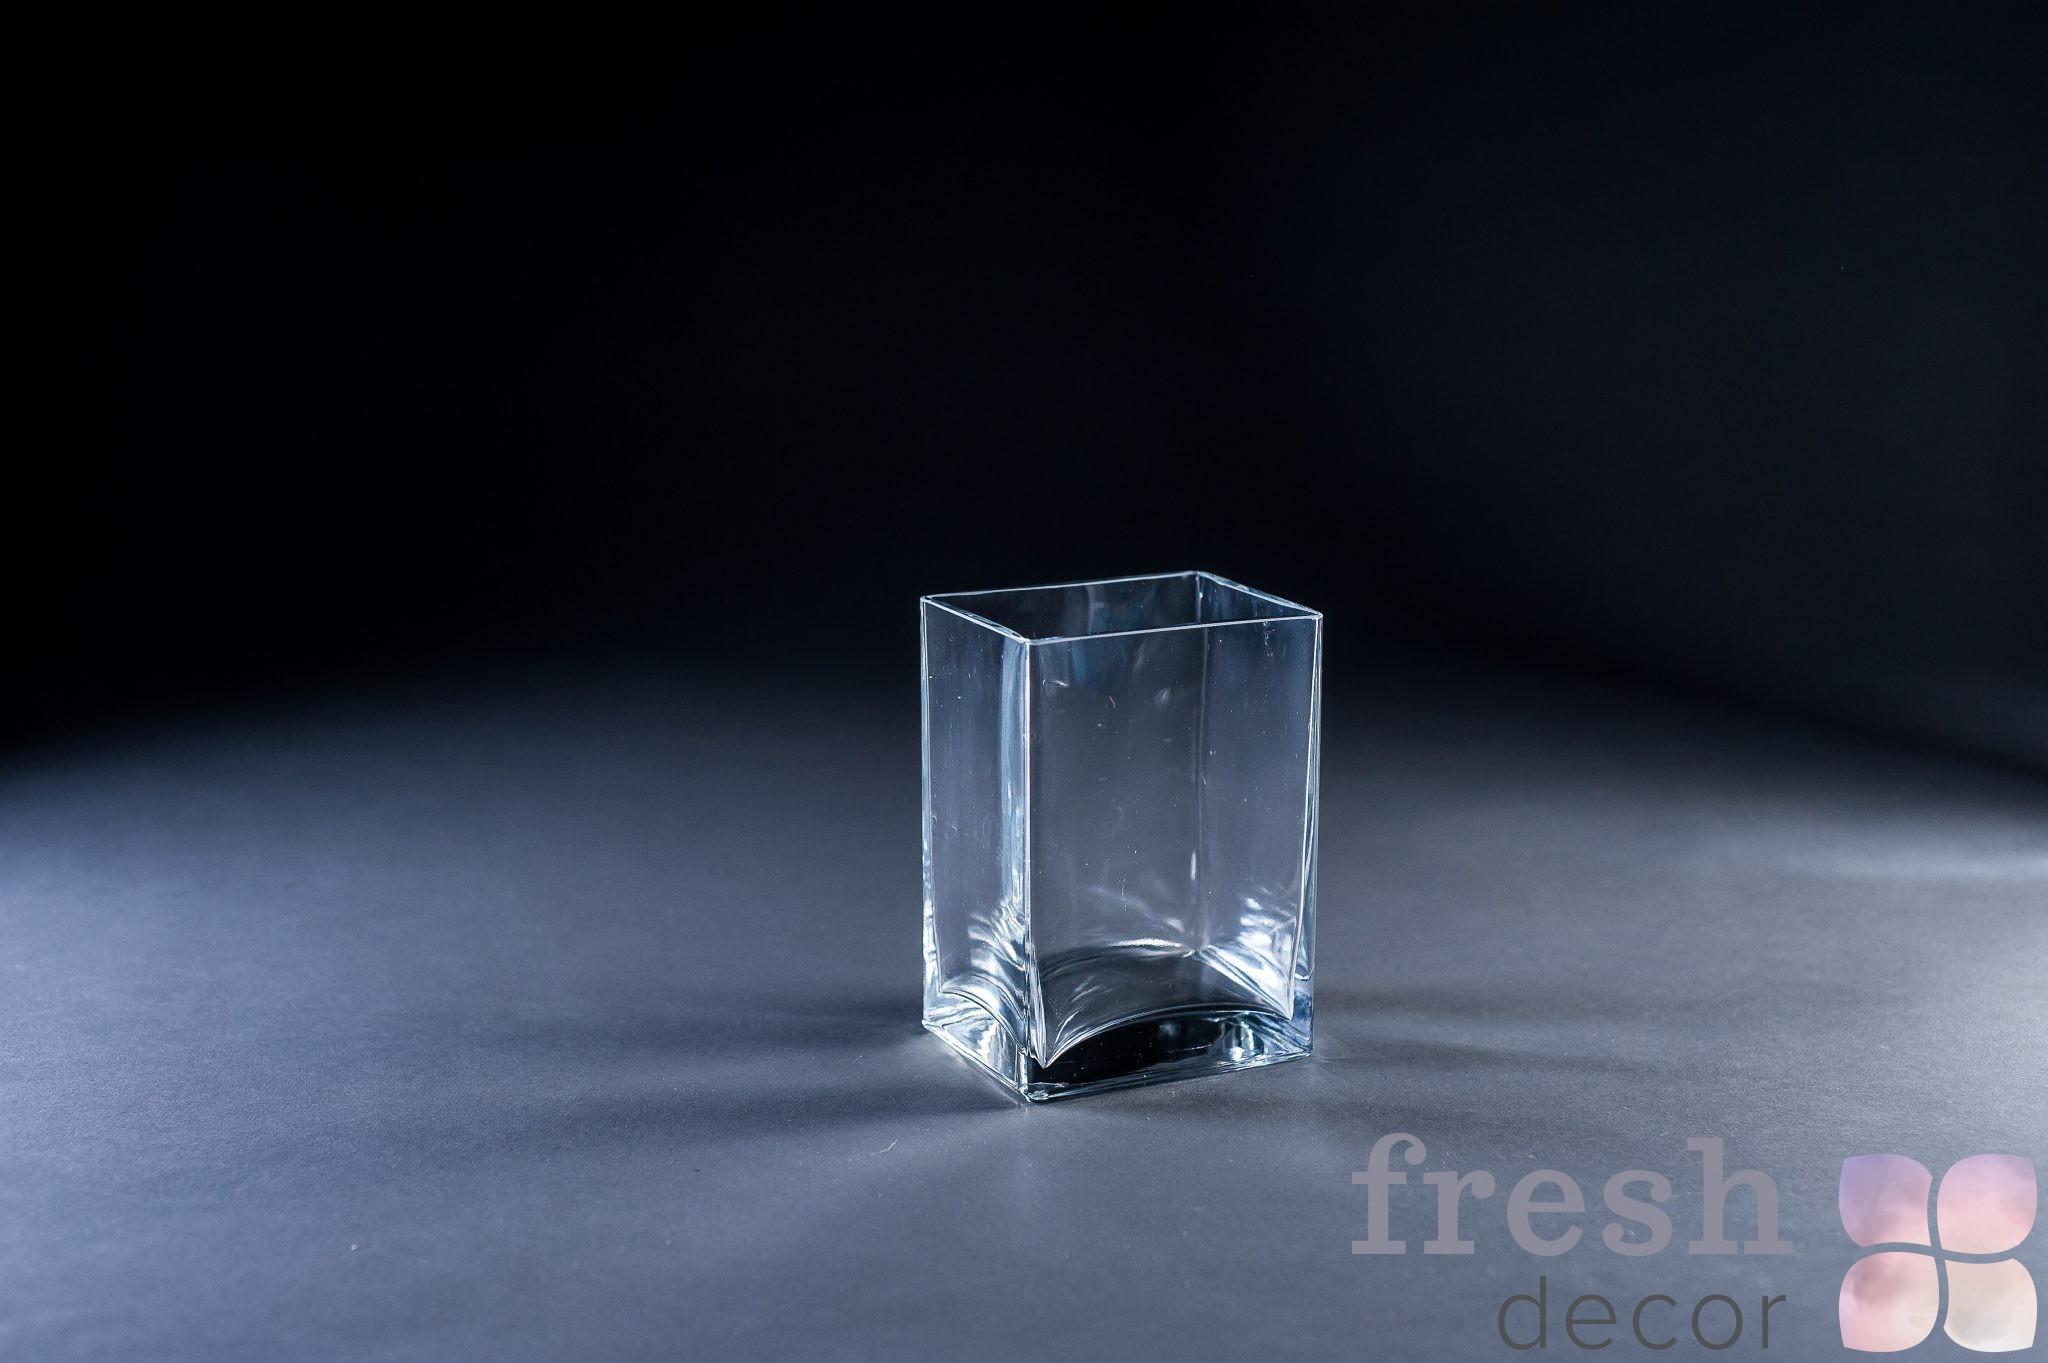 Прямоугольная вертикальная маленькая ваза